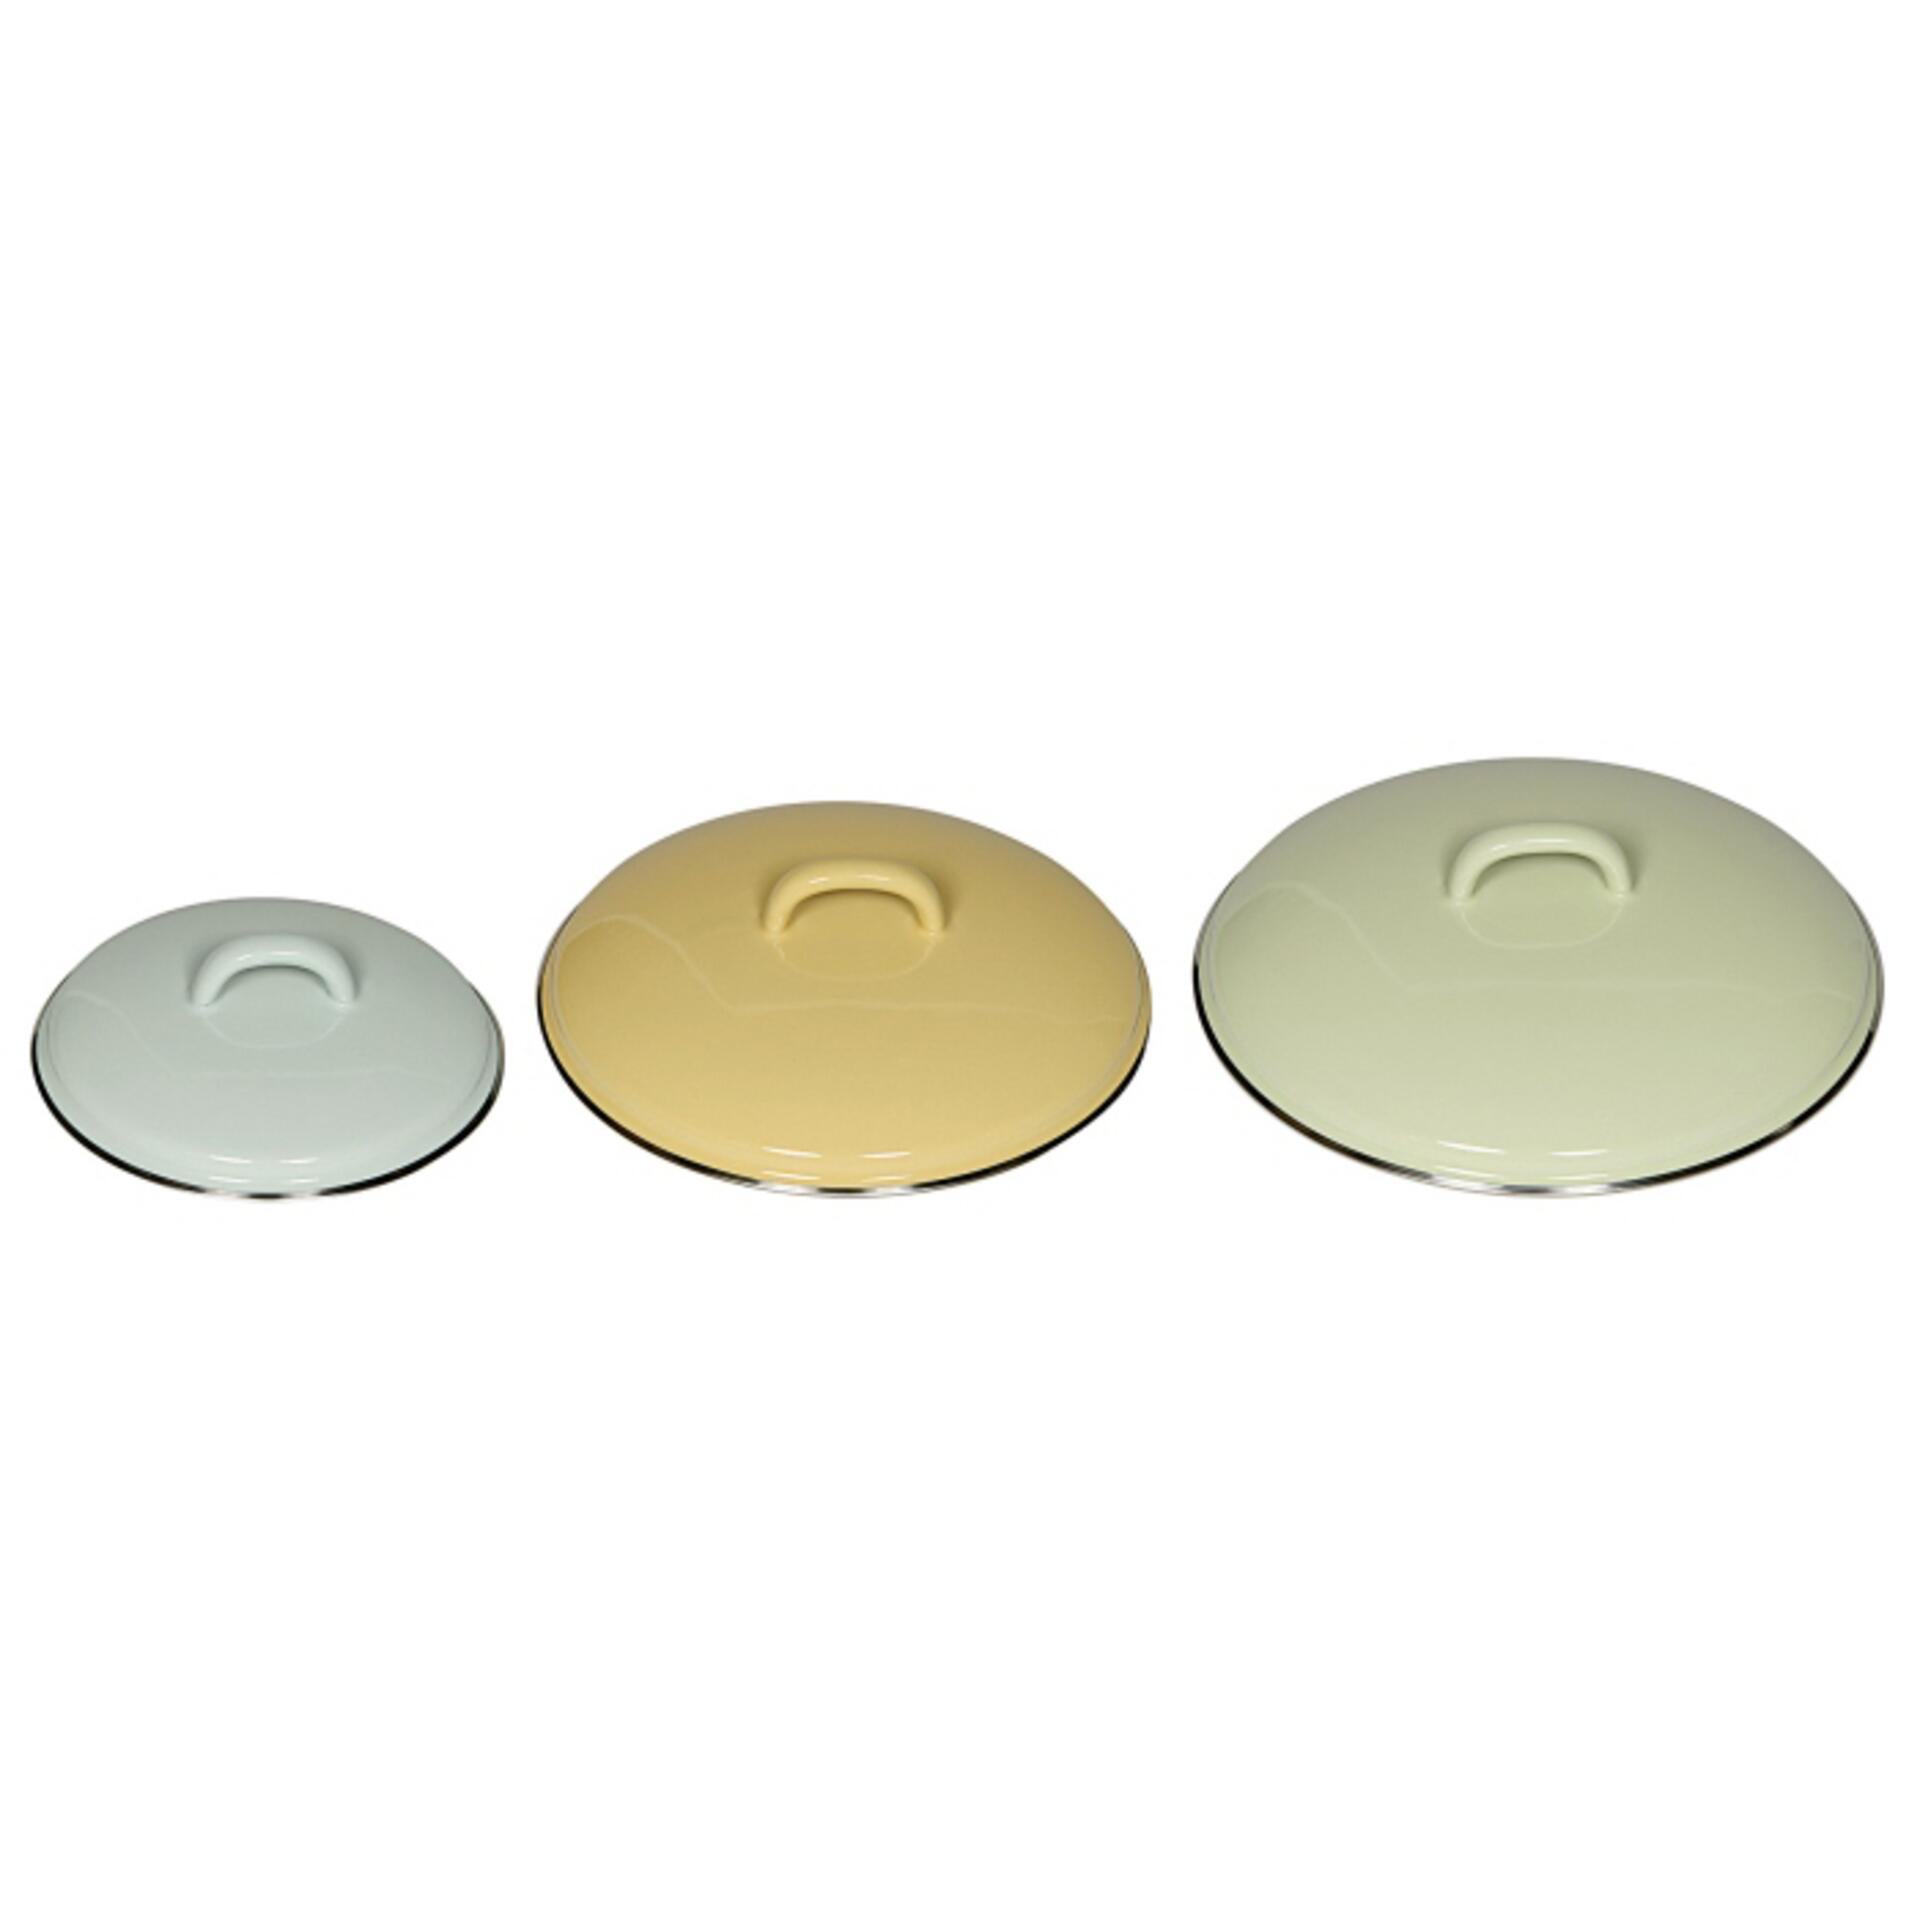 Riess Deckel aus Emaille 14 cm Türkis